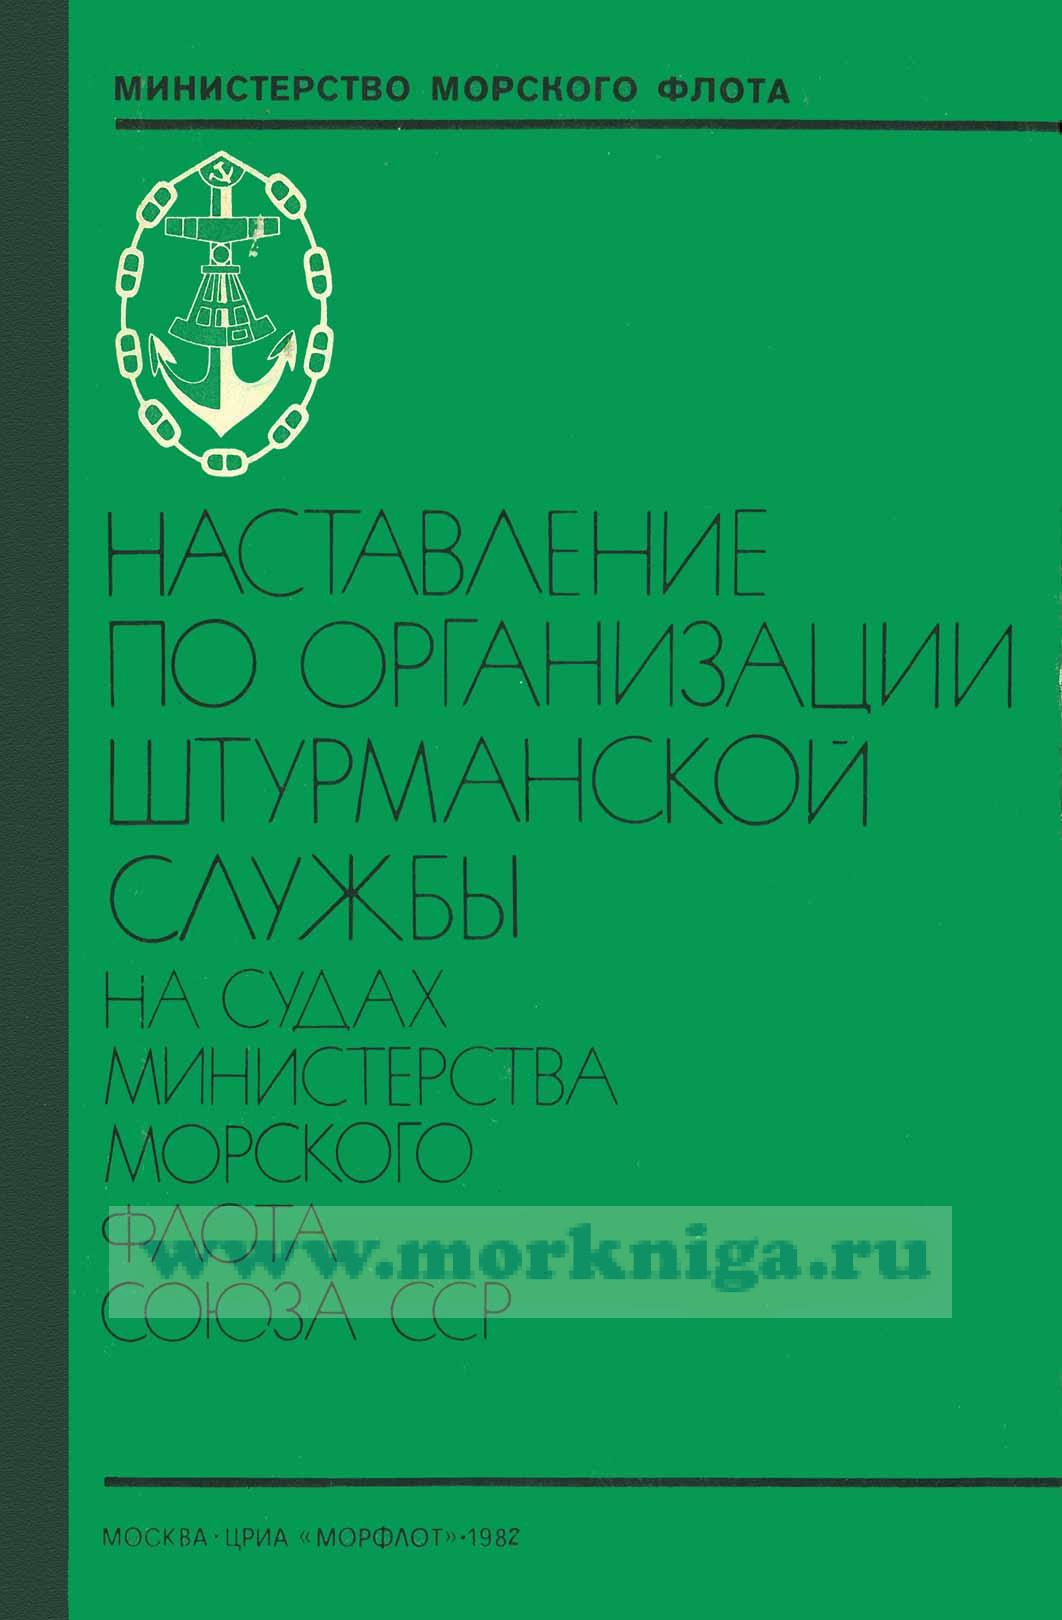 Наставление по организации штурманской службы на судах министерства морского флота ССР